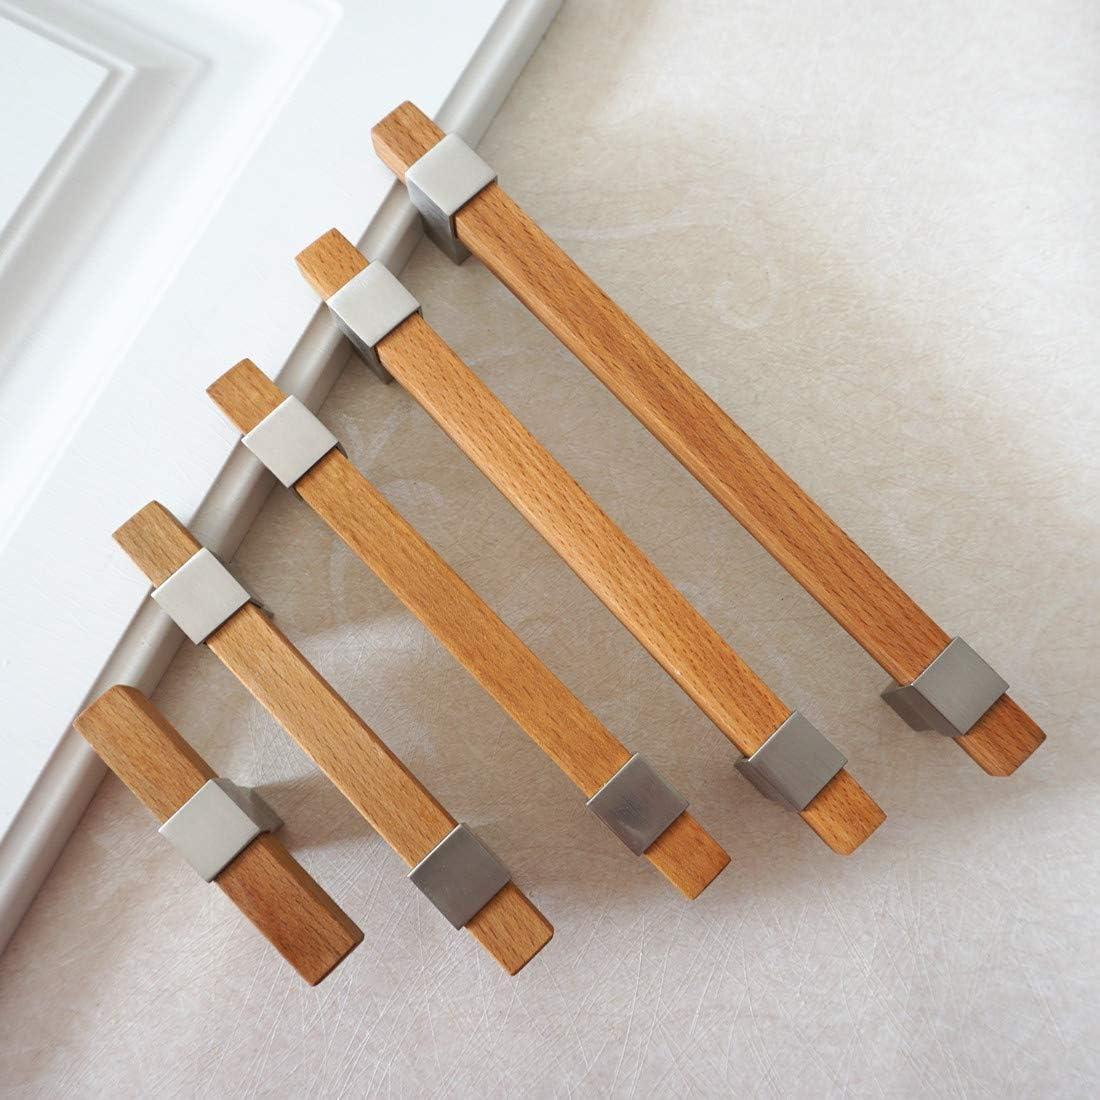 LBFEEL - Tirador de madera para armario, de 9,5 cm, 16,5 cm, 16,5 cm, 19,2 cm, 160 192 mm: Amazon.es: Bricolaje y herramientas